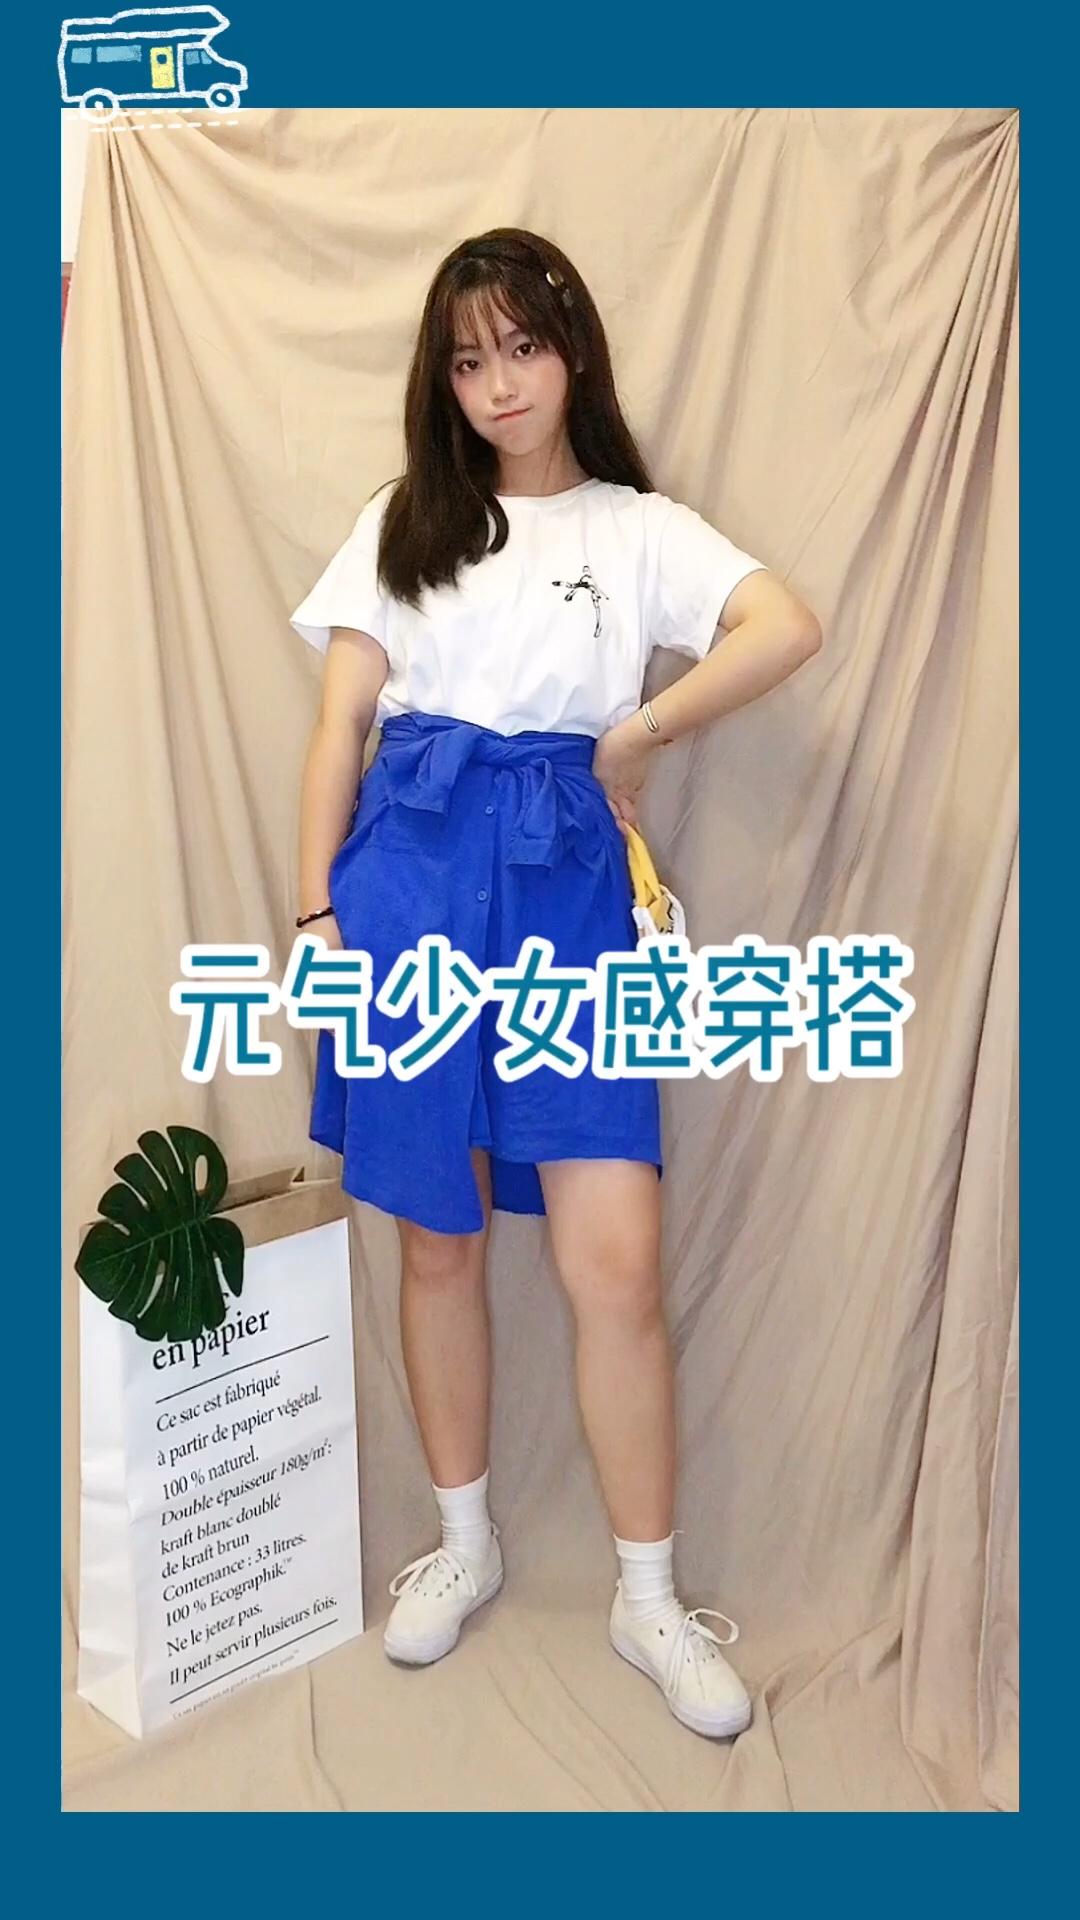 #这条半身裙,专治腿粗~#超超显白又不会撞衫的宝蓝色衬衫半身裙来啦~大腿肉肉就靠它